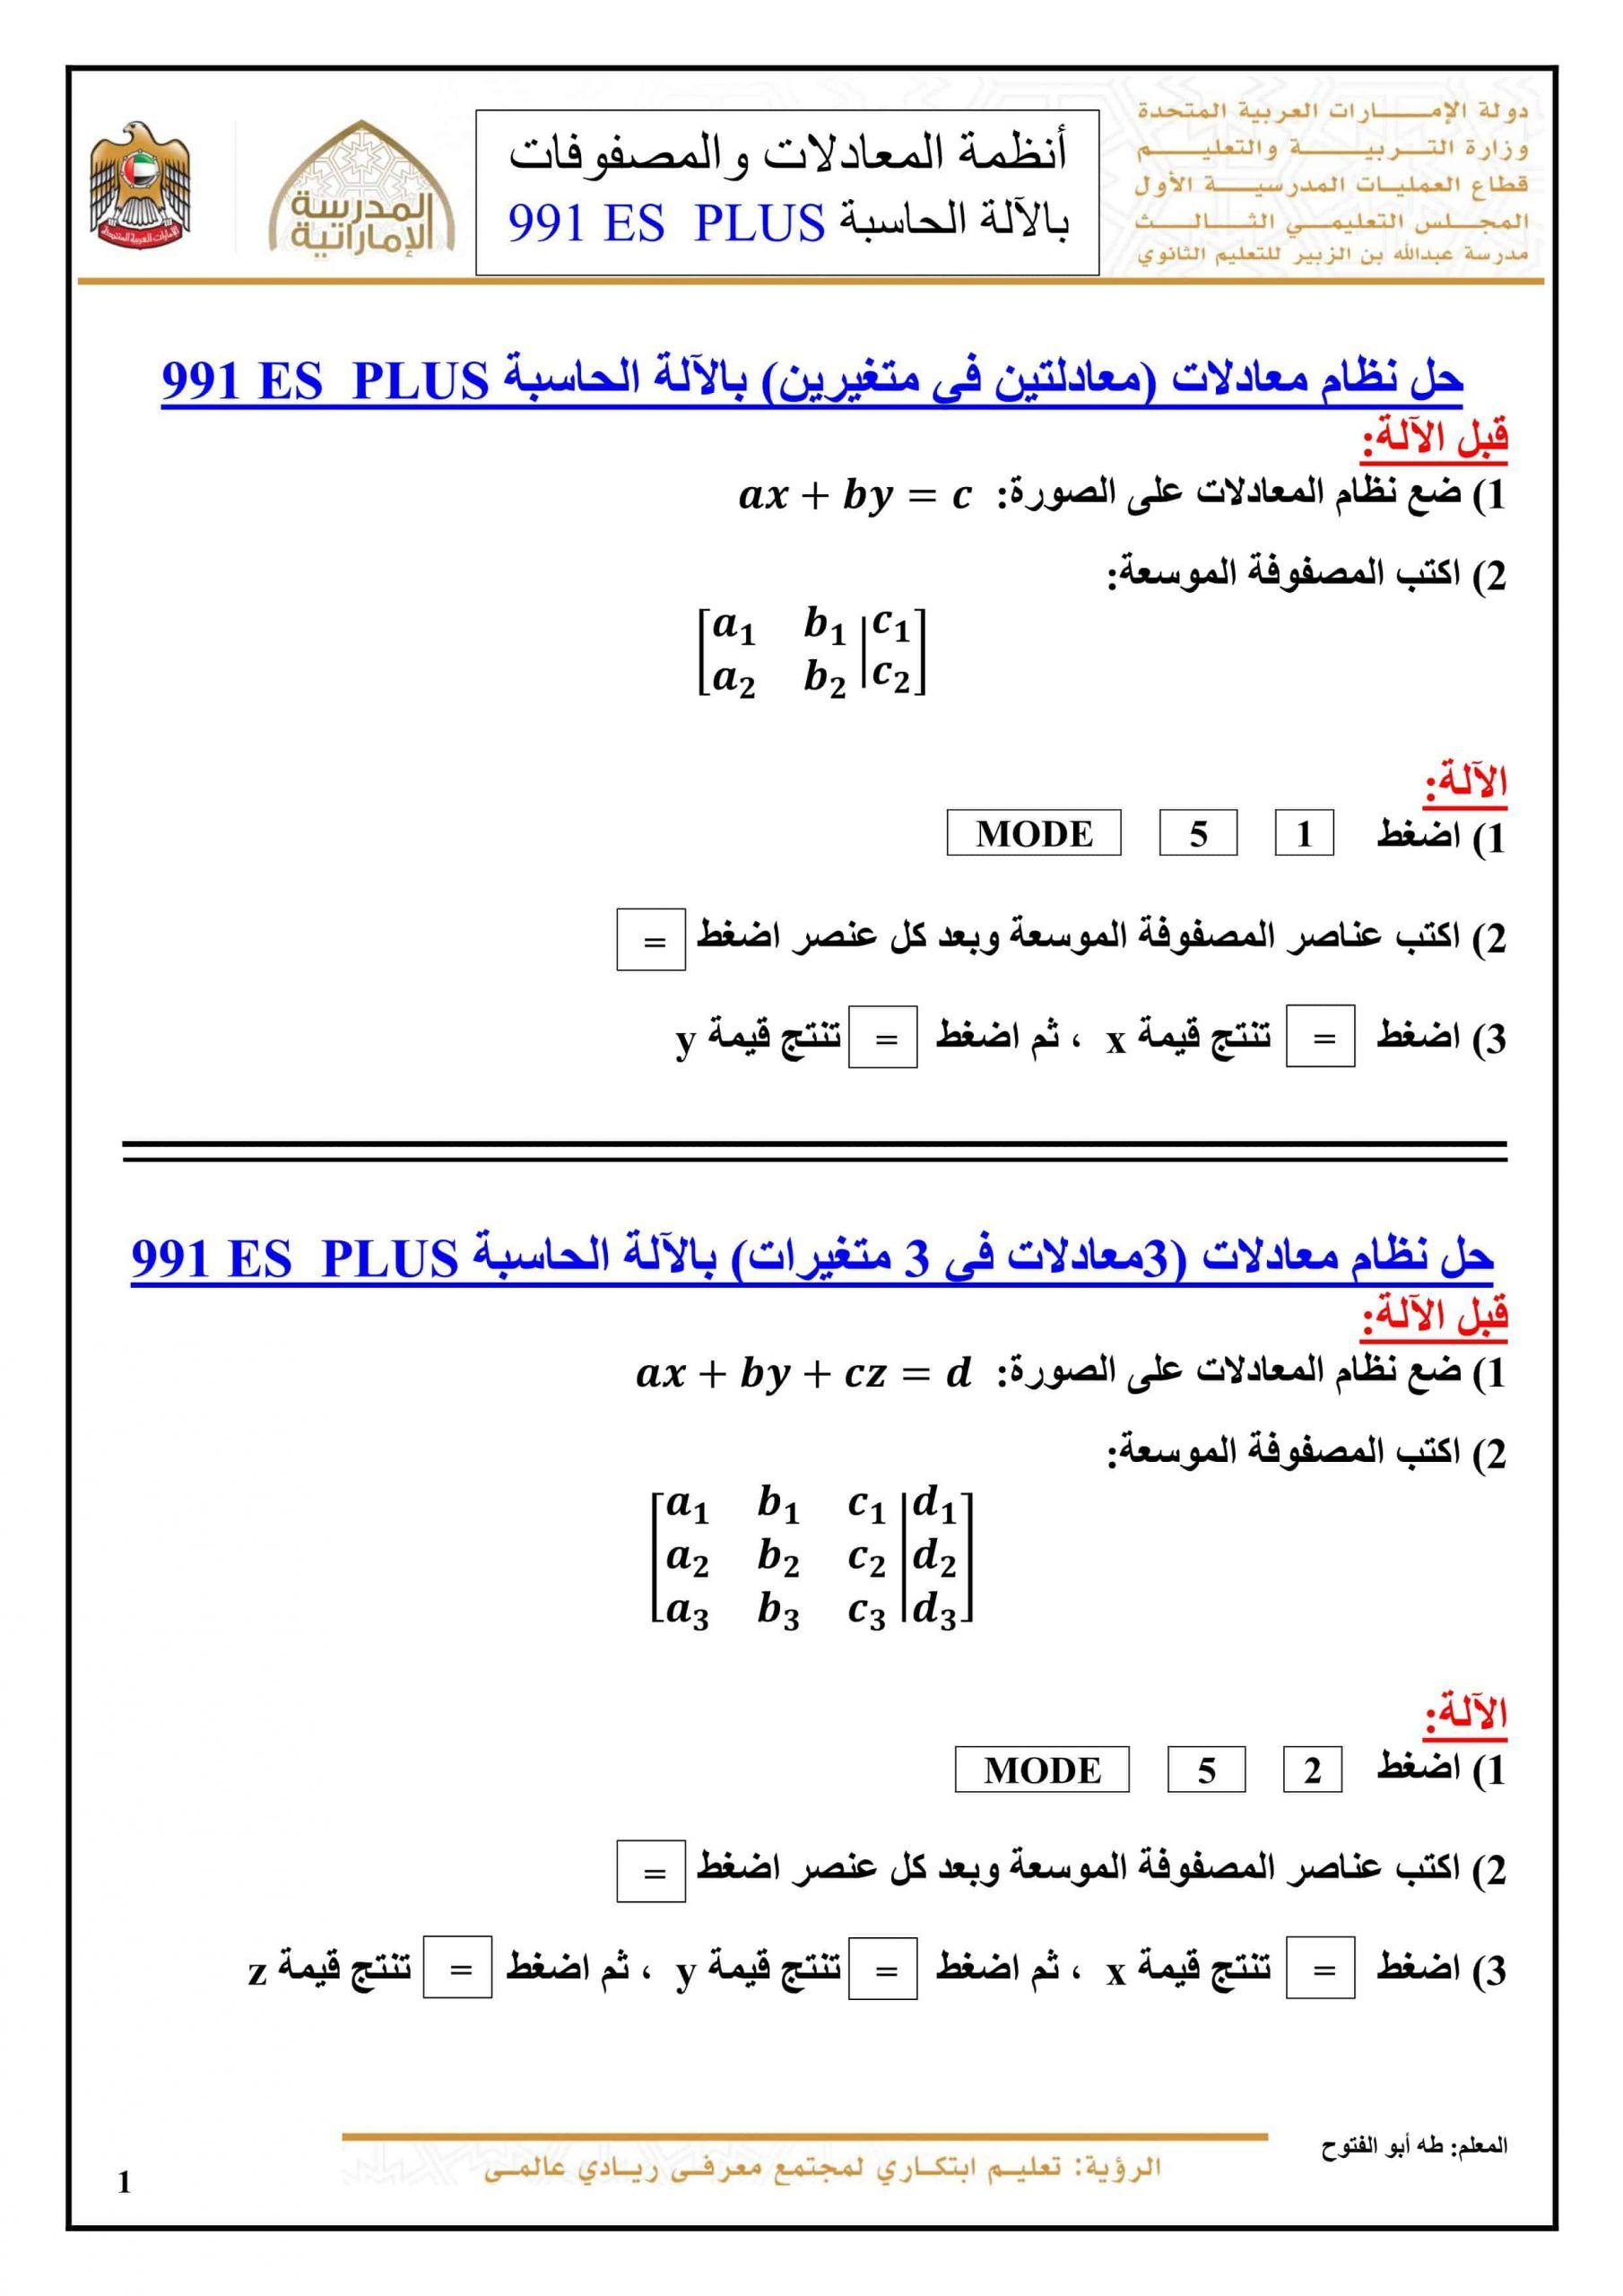 أوراق عمل أنظمة المعادلات والمصفوفات 991 Es Plus بالآلة الحاسب الصف الثاني عشر متقدم مادة الرياضي In 2021